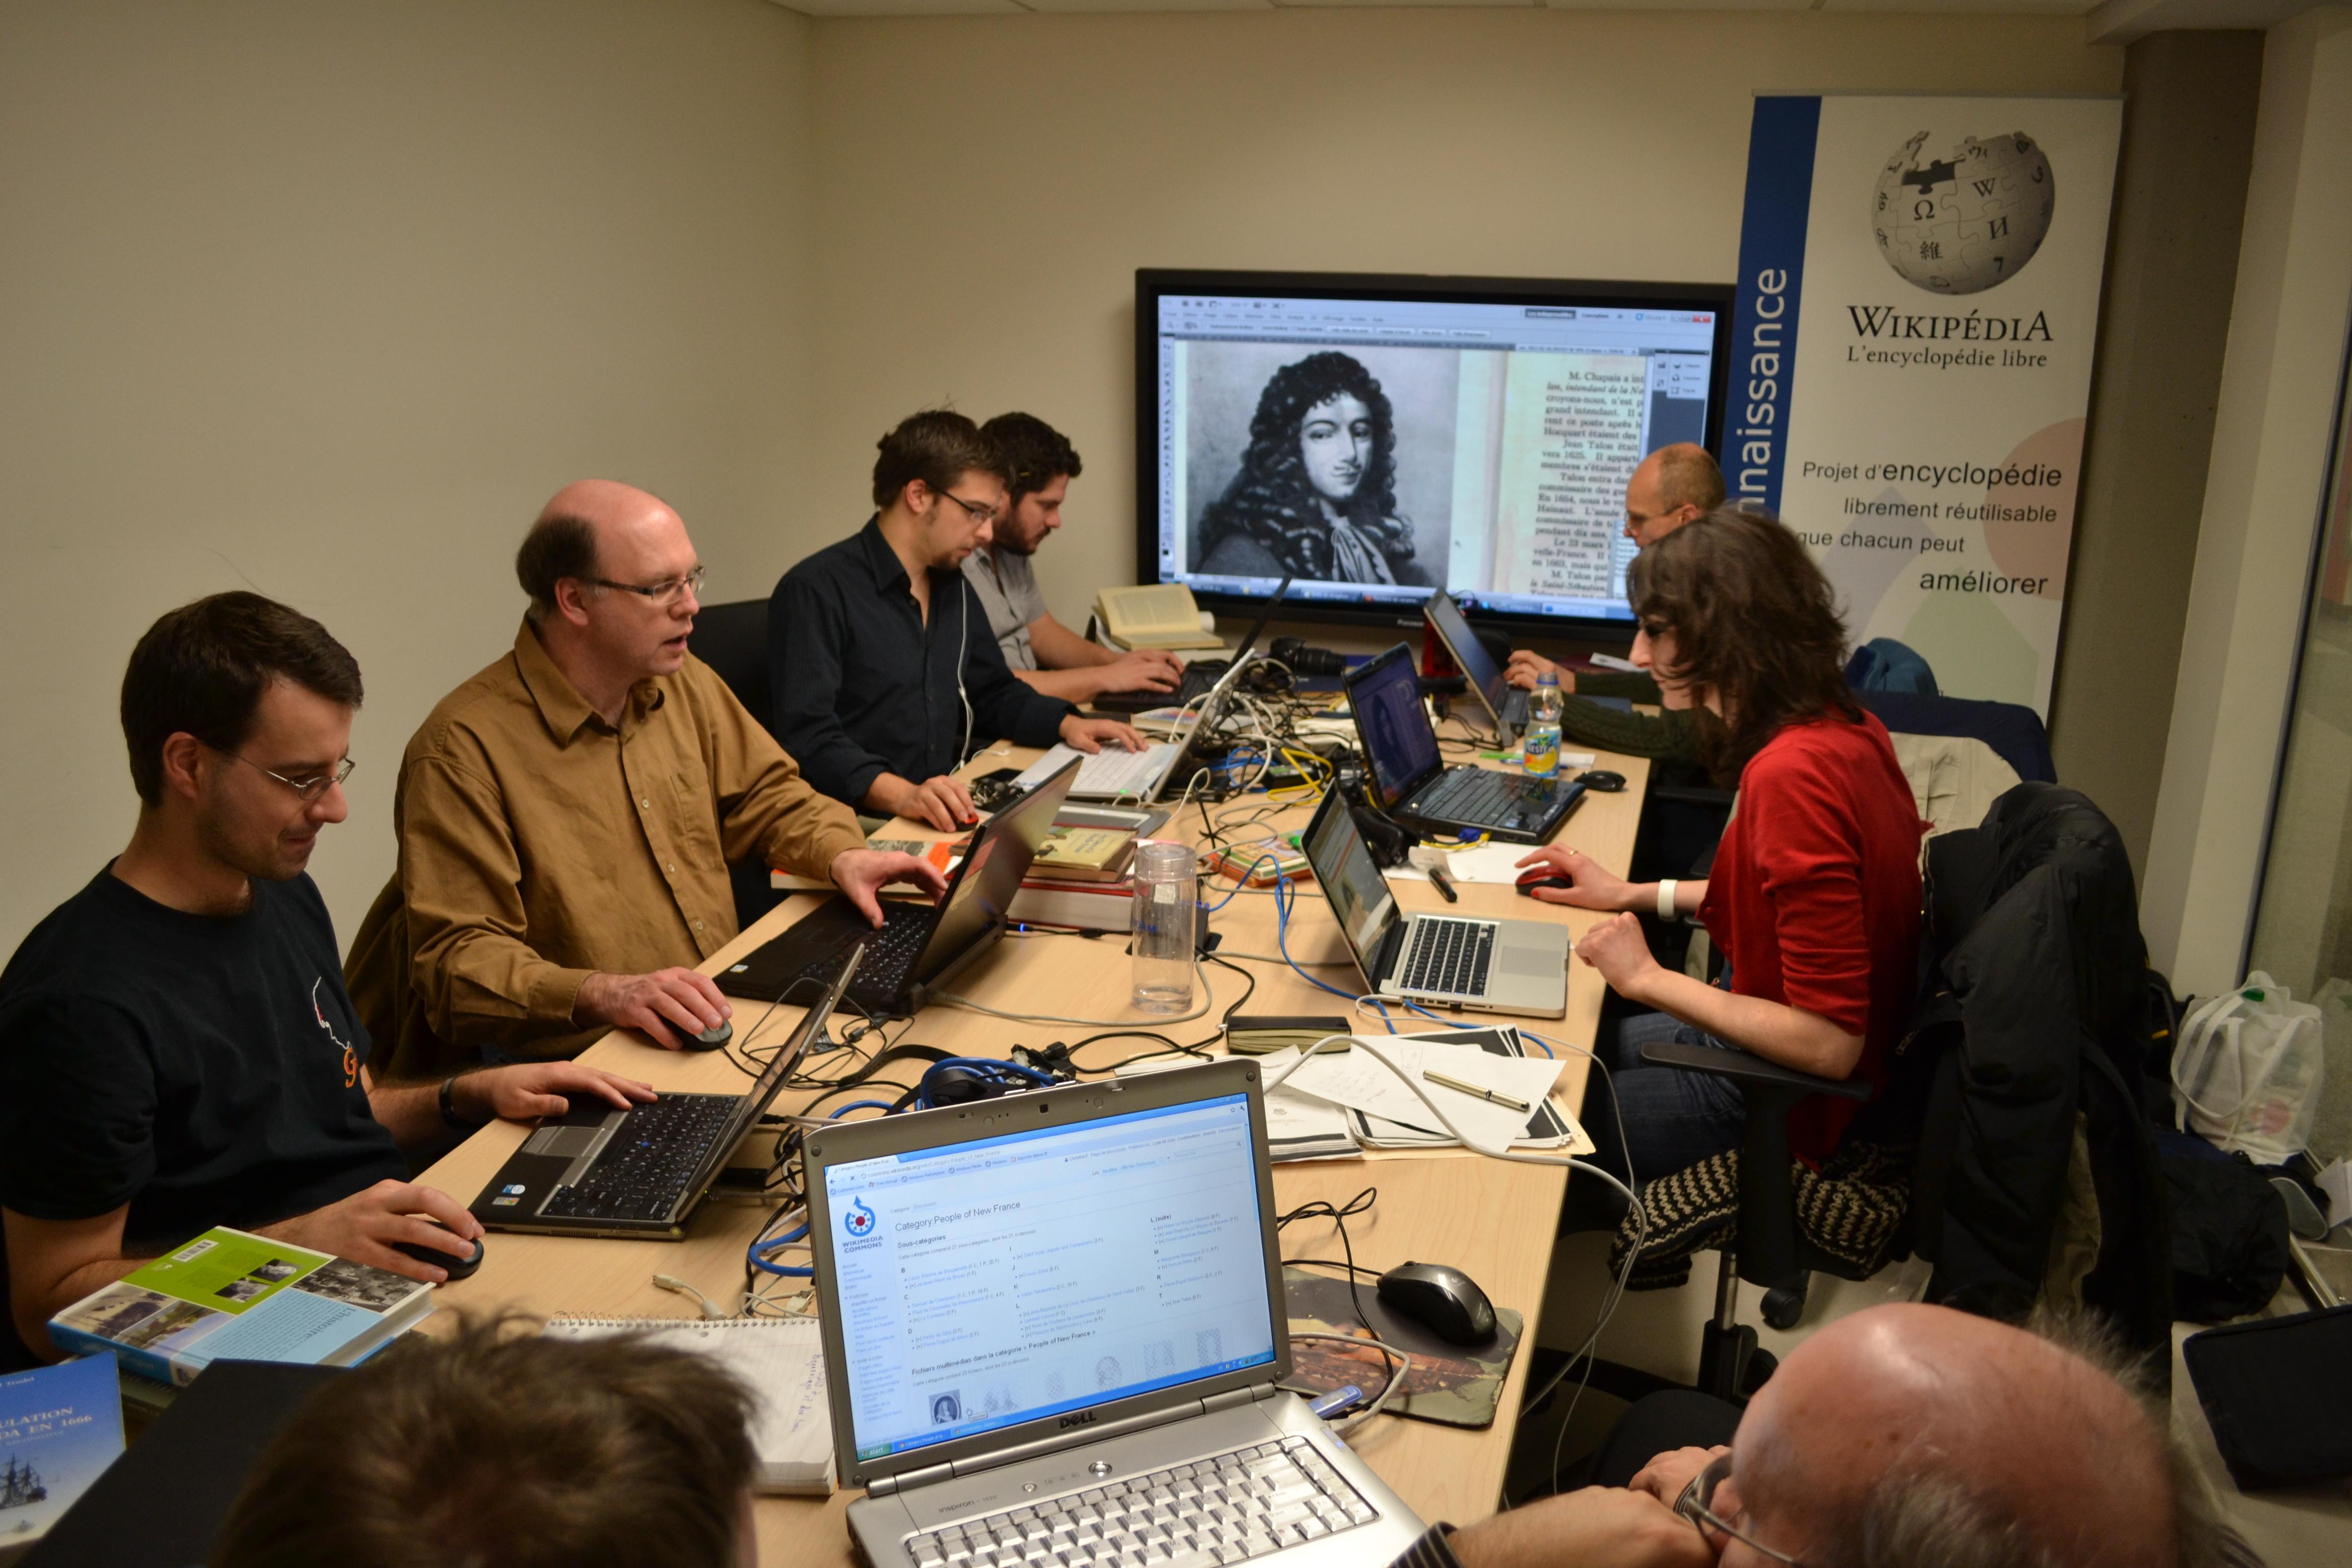 une équipe travaillant sur internet